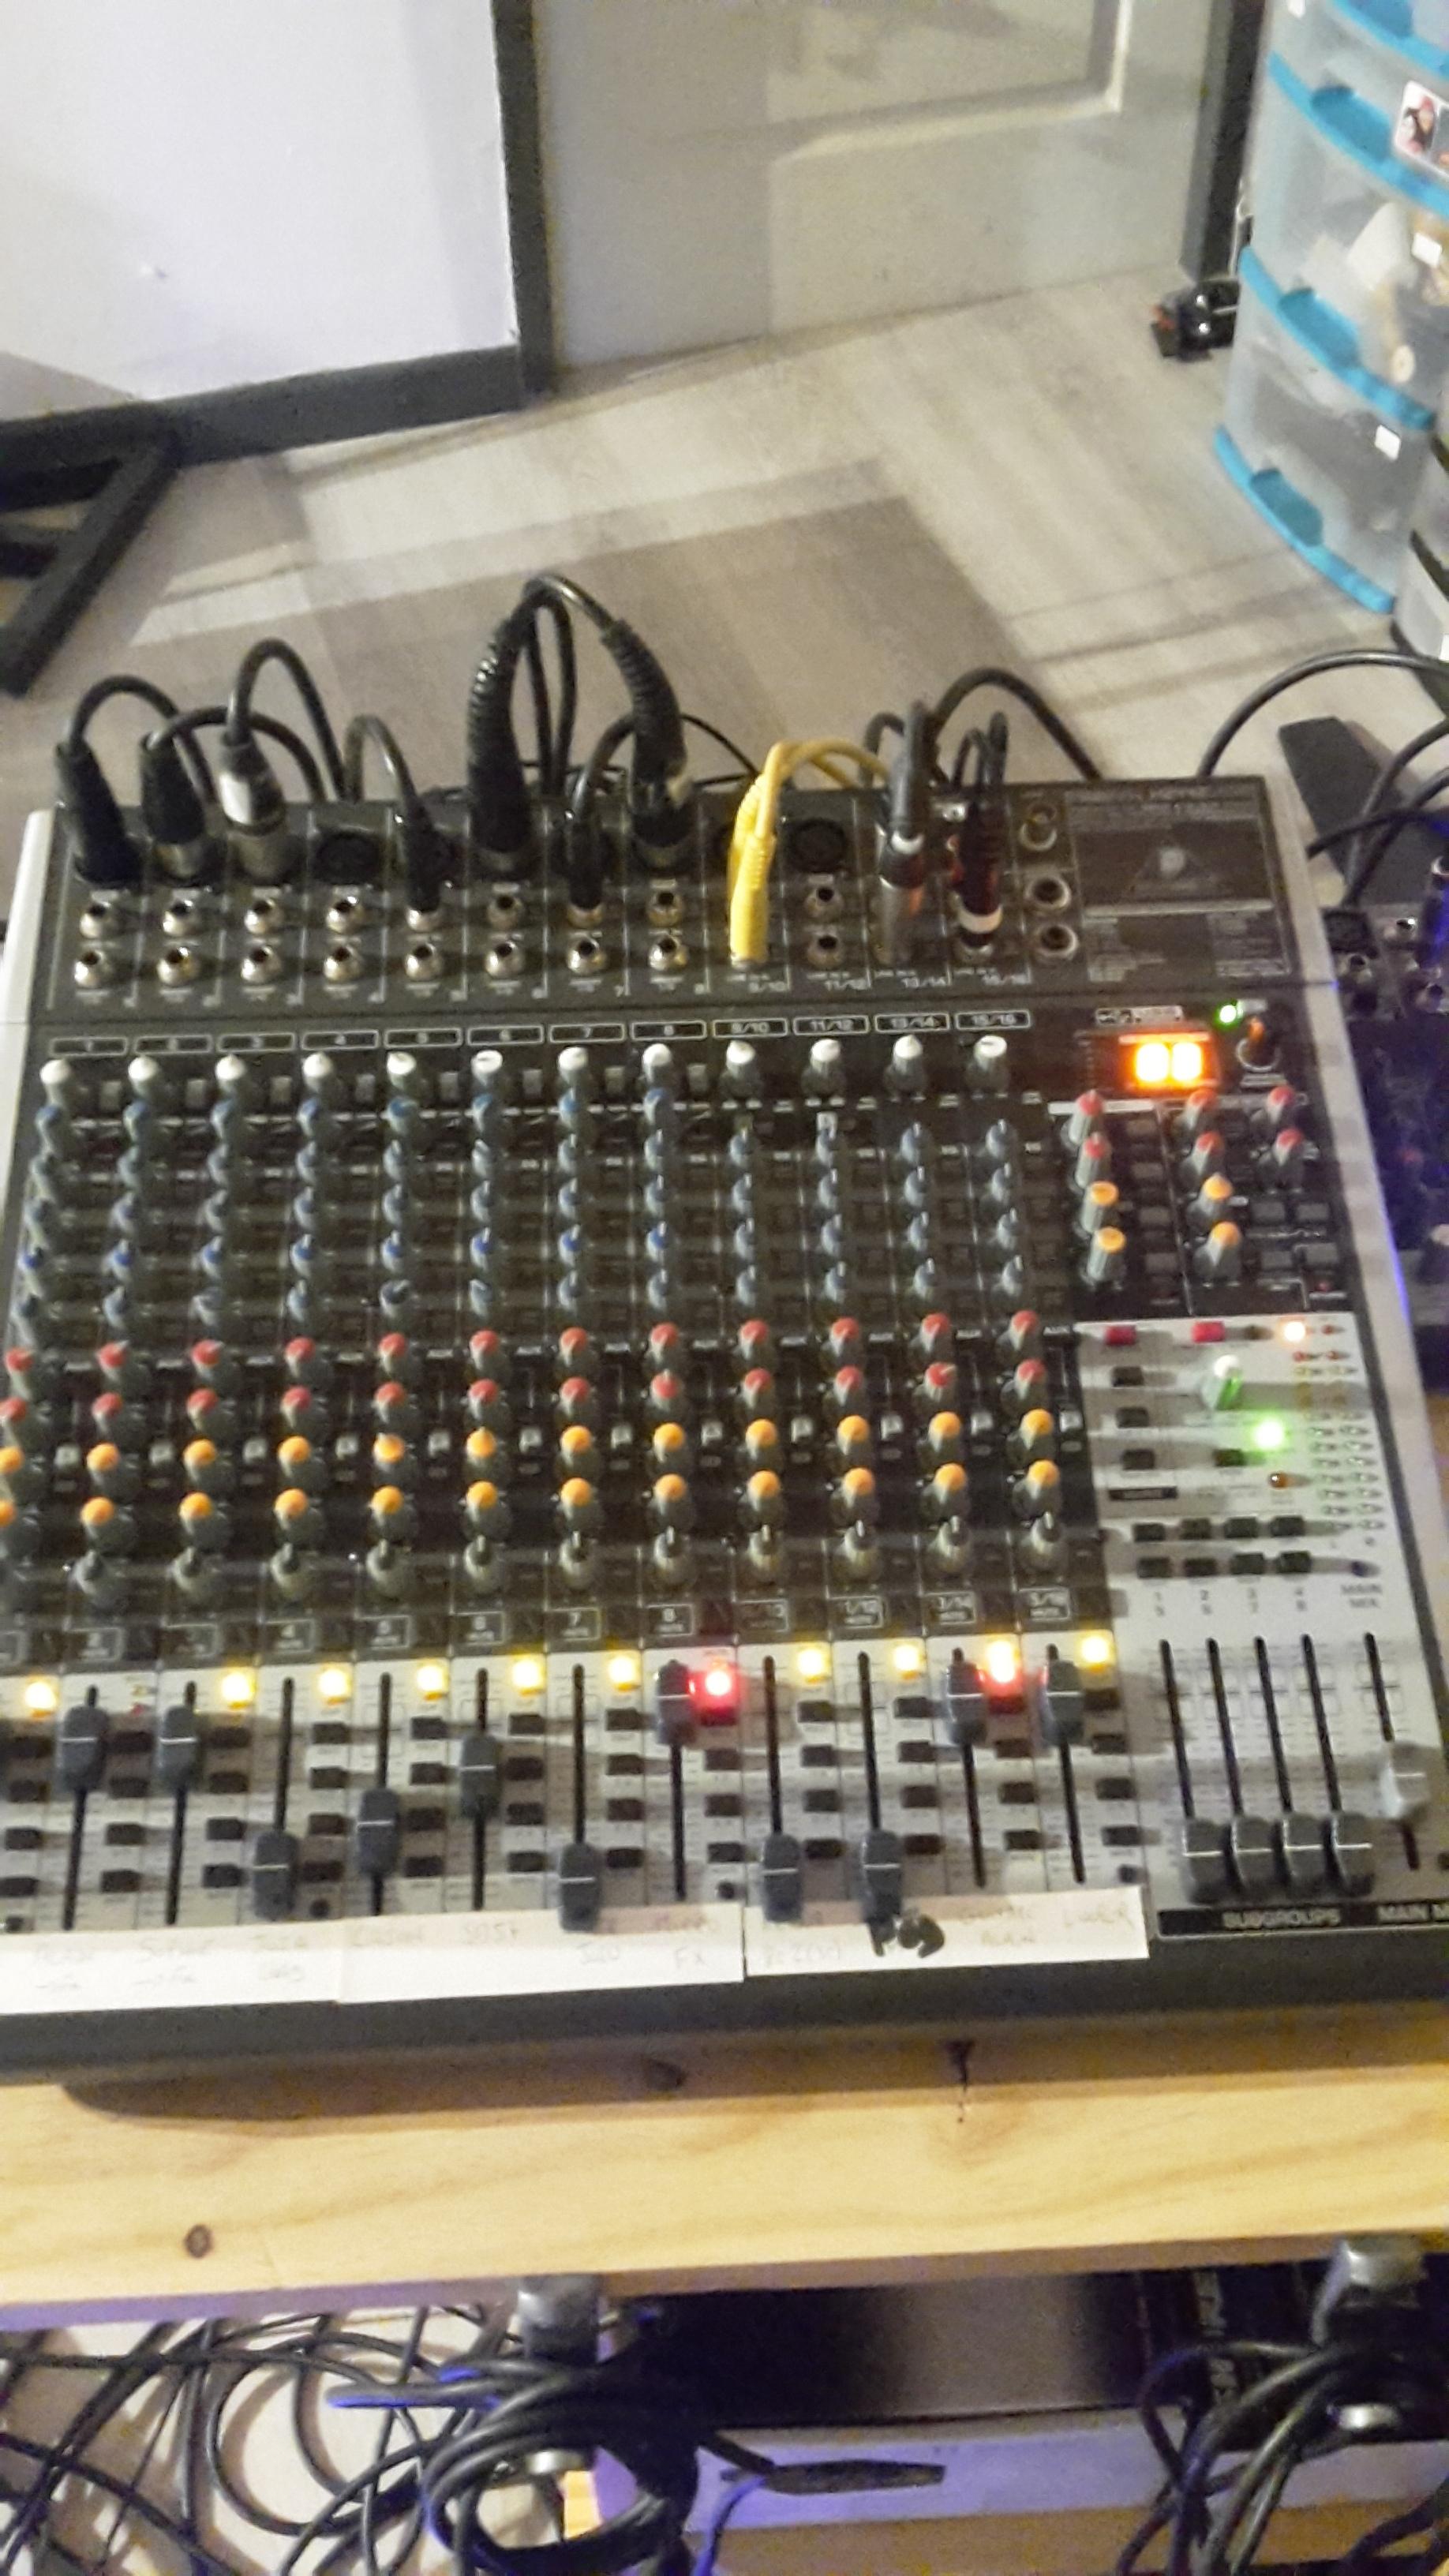 Table de mixage behringer x2442 usb alsace audiofanzine - Table de mixage en ligne gratuit ...